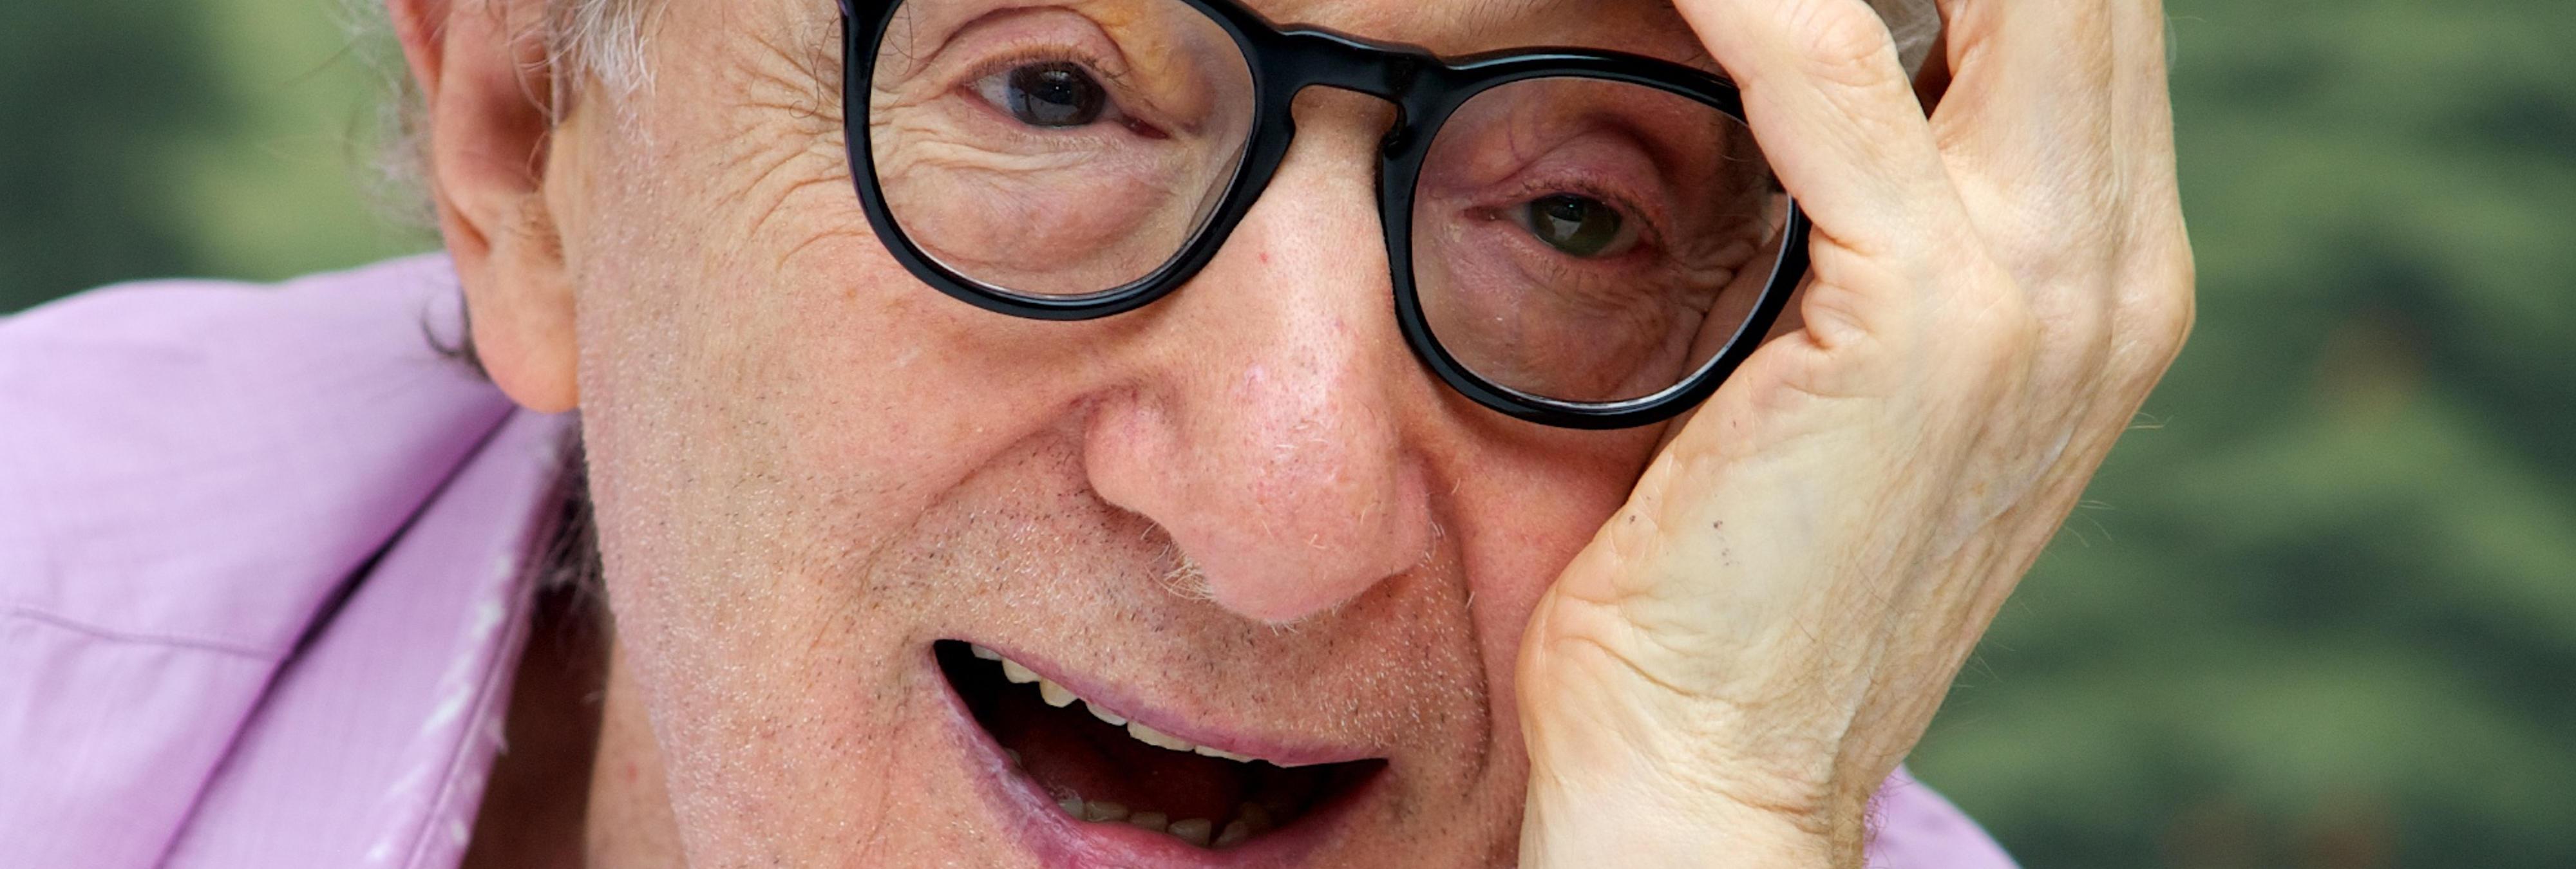 Las 10 películas de Woody Allen que más recaudaron, en GIFs